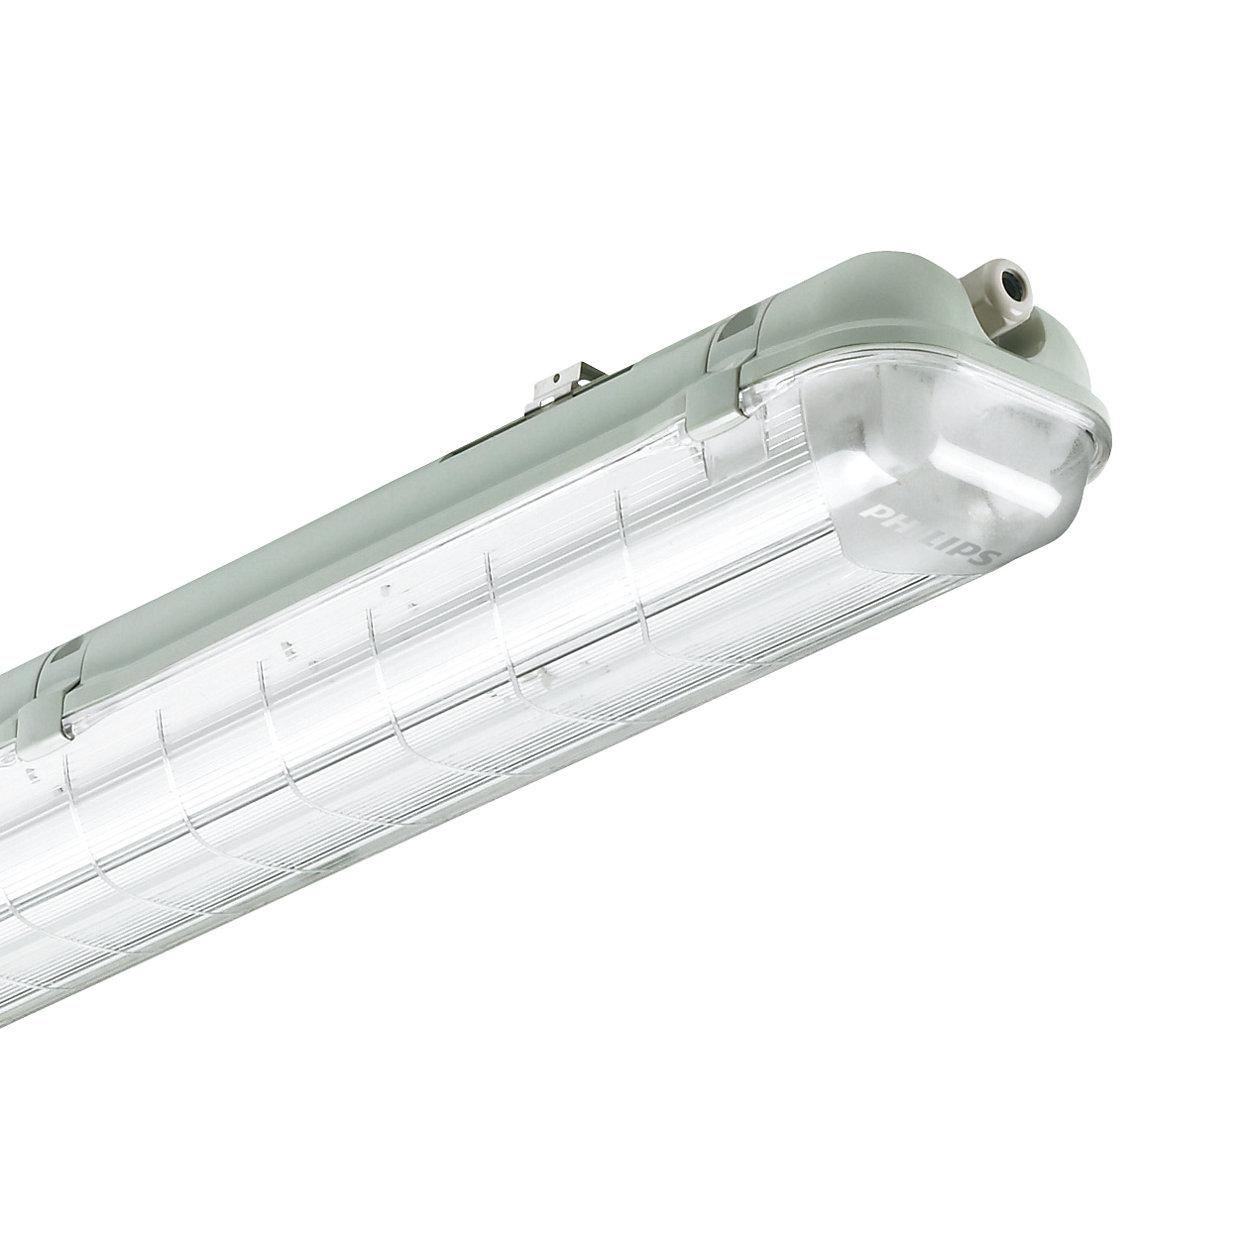 Ledinaire Feuchtraumleuchte - der optimale Einstieg in LED